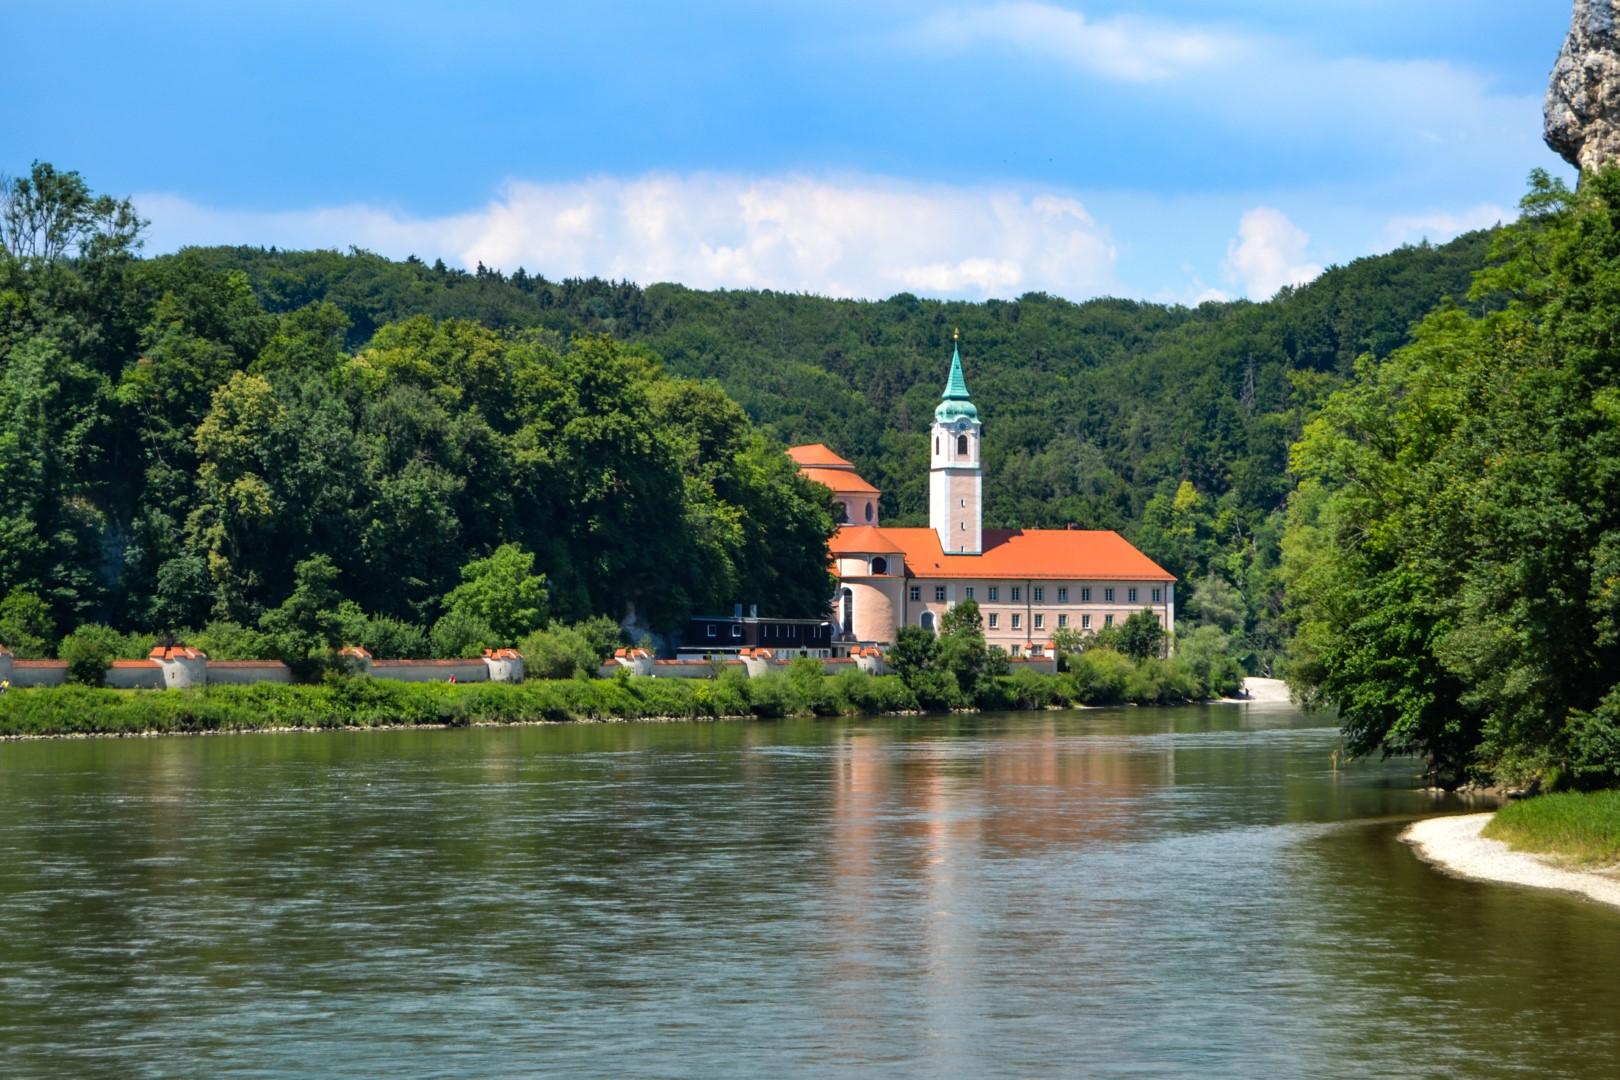 Kloster Weltenburg Abbey Regensburg